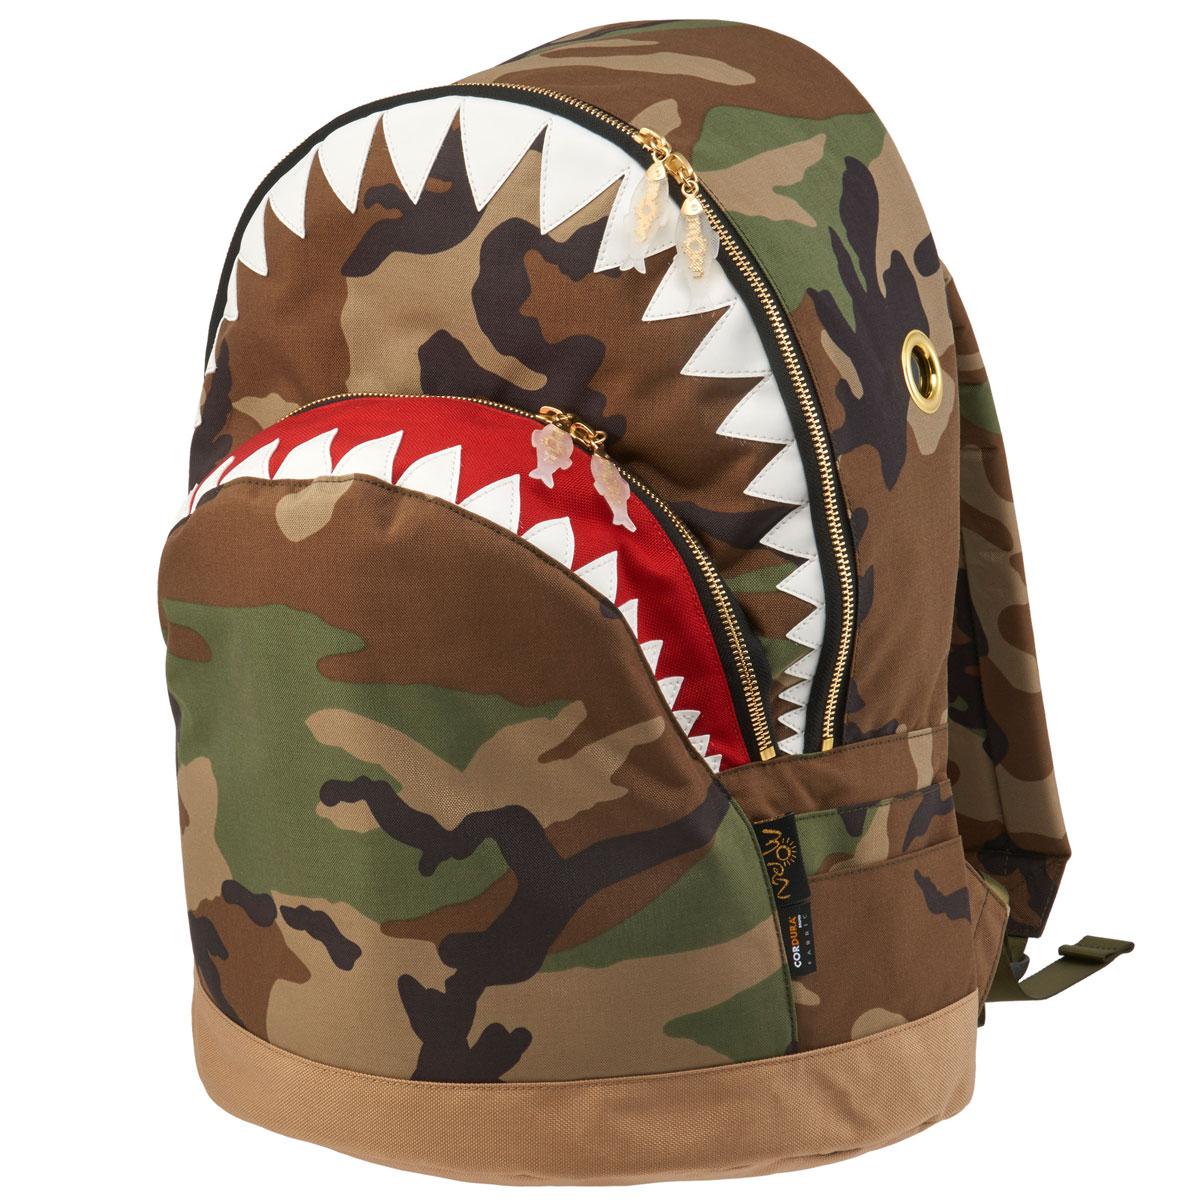 【全品送料無料】【先着順プレゼントあり】リュック MORN CREATIONS シャーク バックパック LL 限定生産 モーンクリエイションズ サメ LLサイズ カモフラージュ